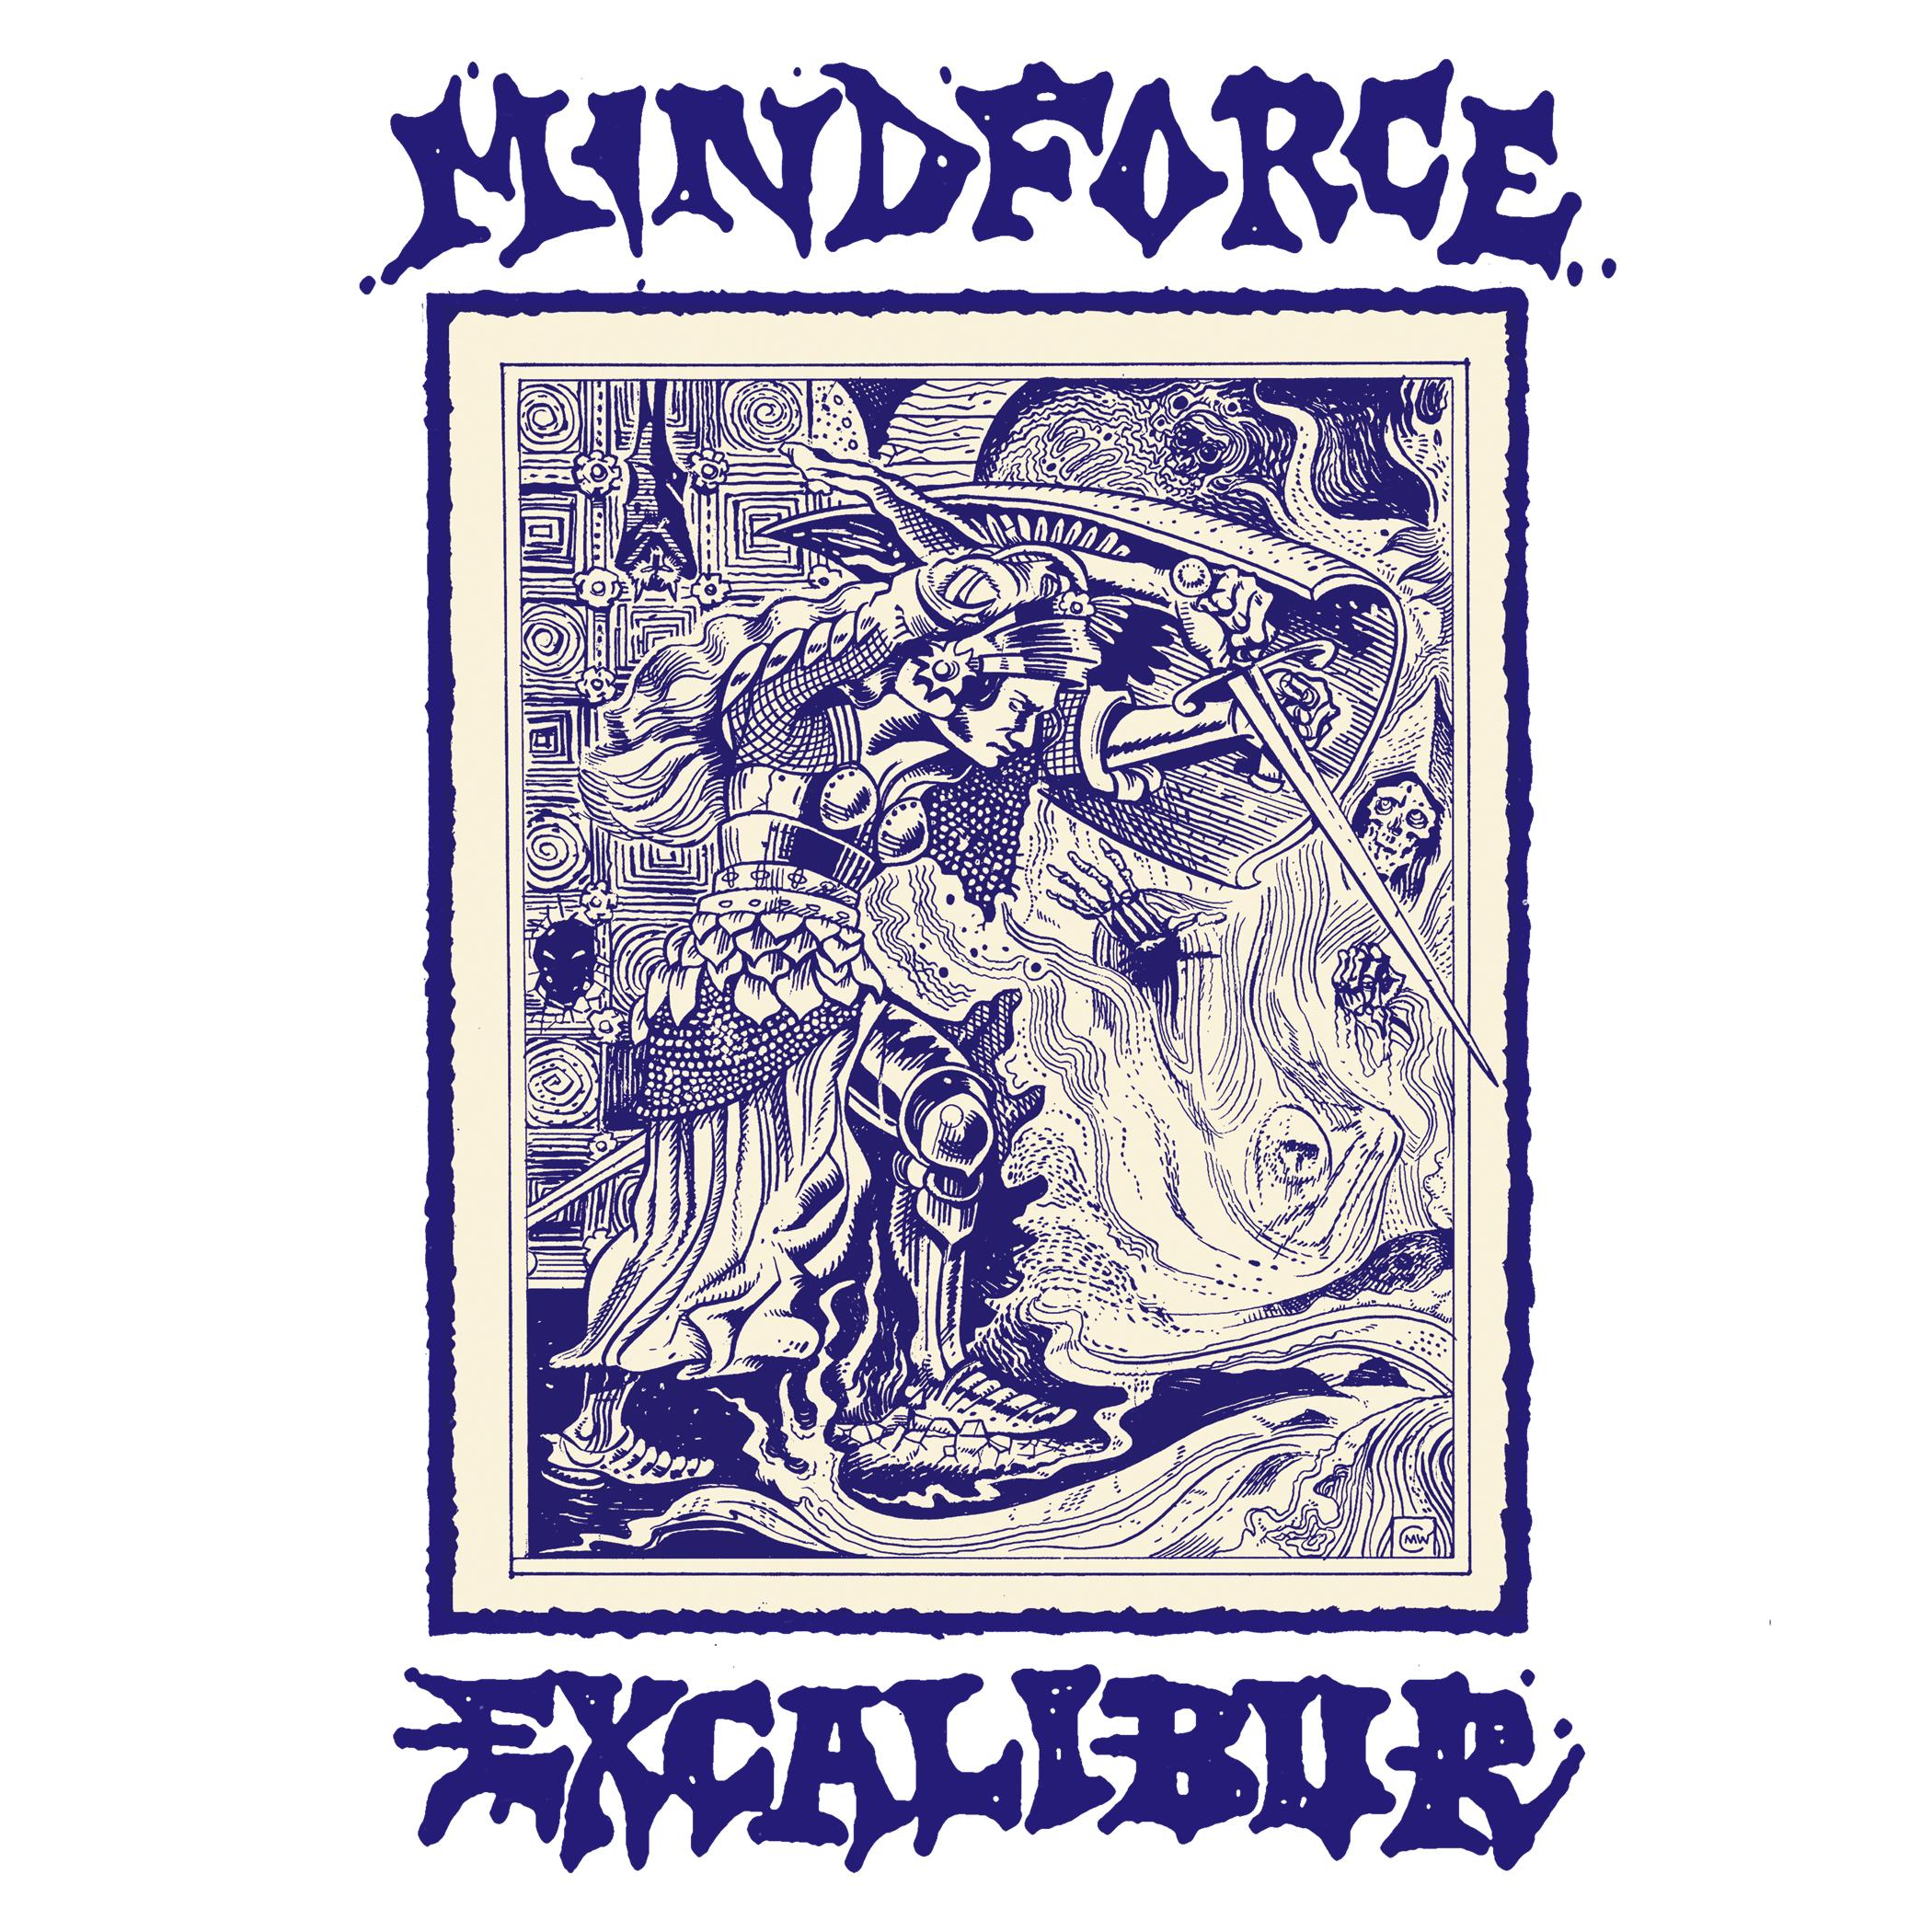 -sold out- Mindforce - Excalibur LP + flexi